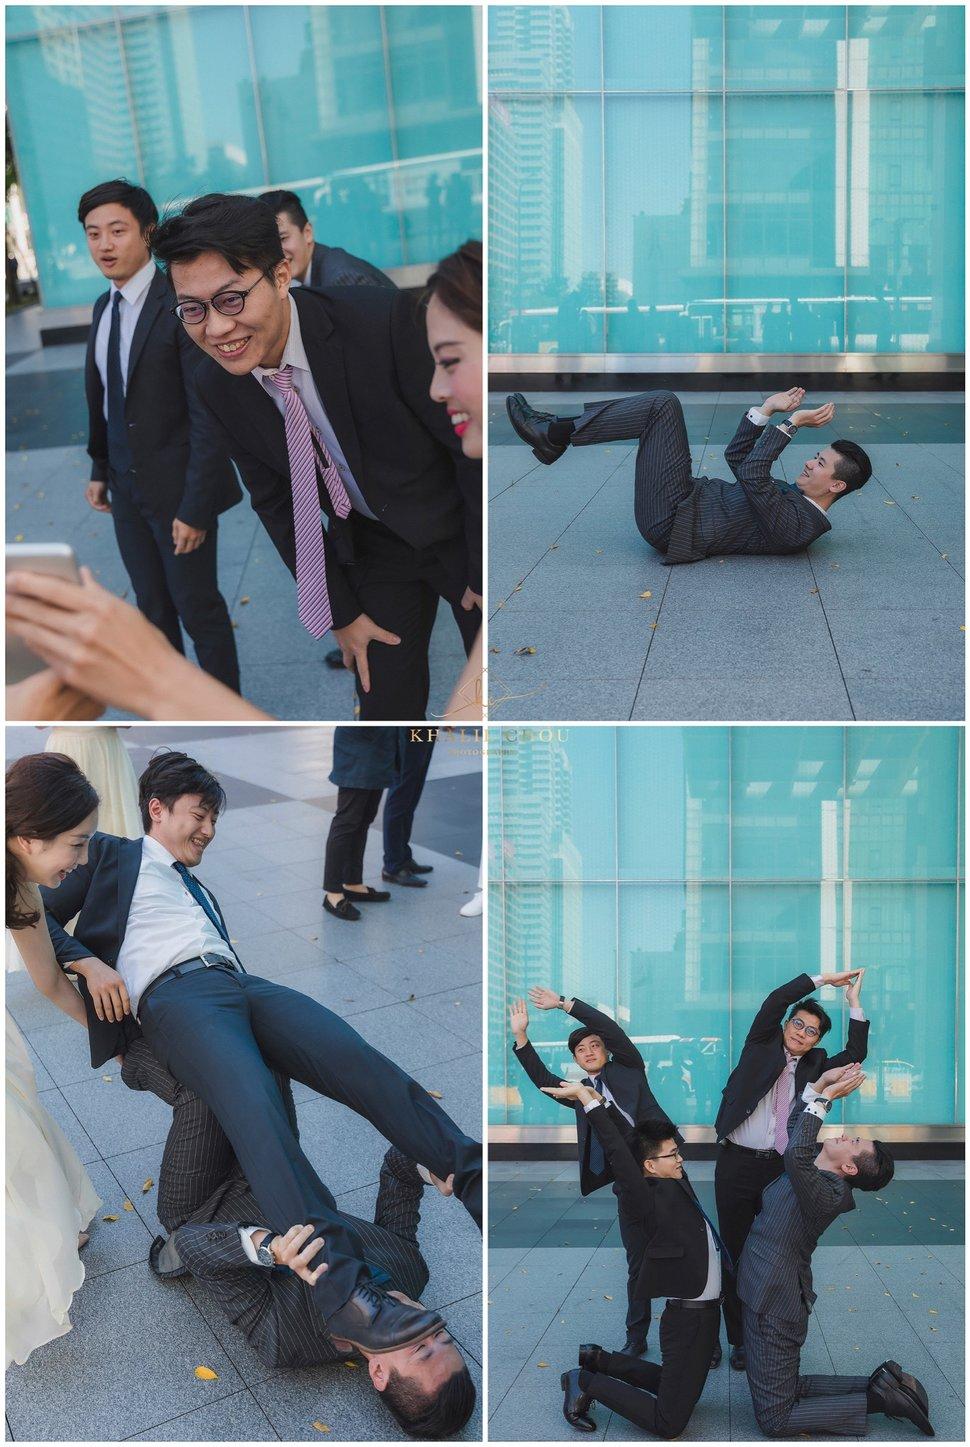 婚禮攝影-14 - Khalil Chou (凱勒·周)《結婚吧》